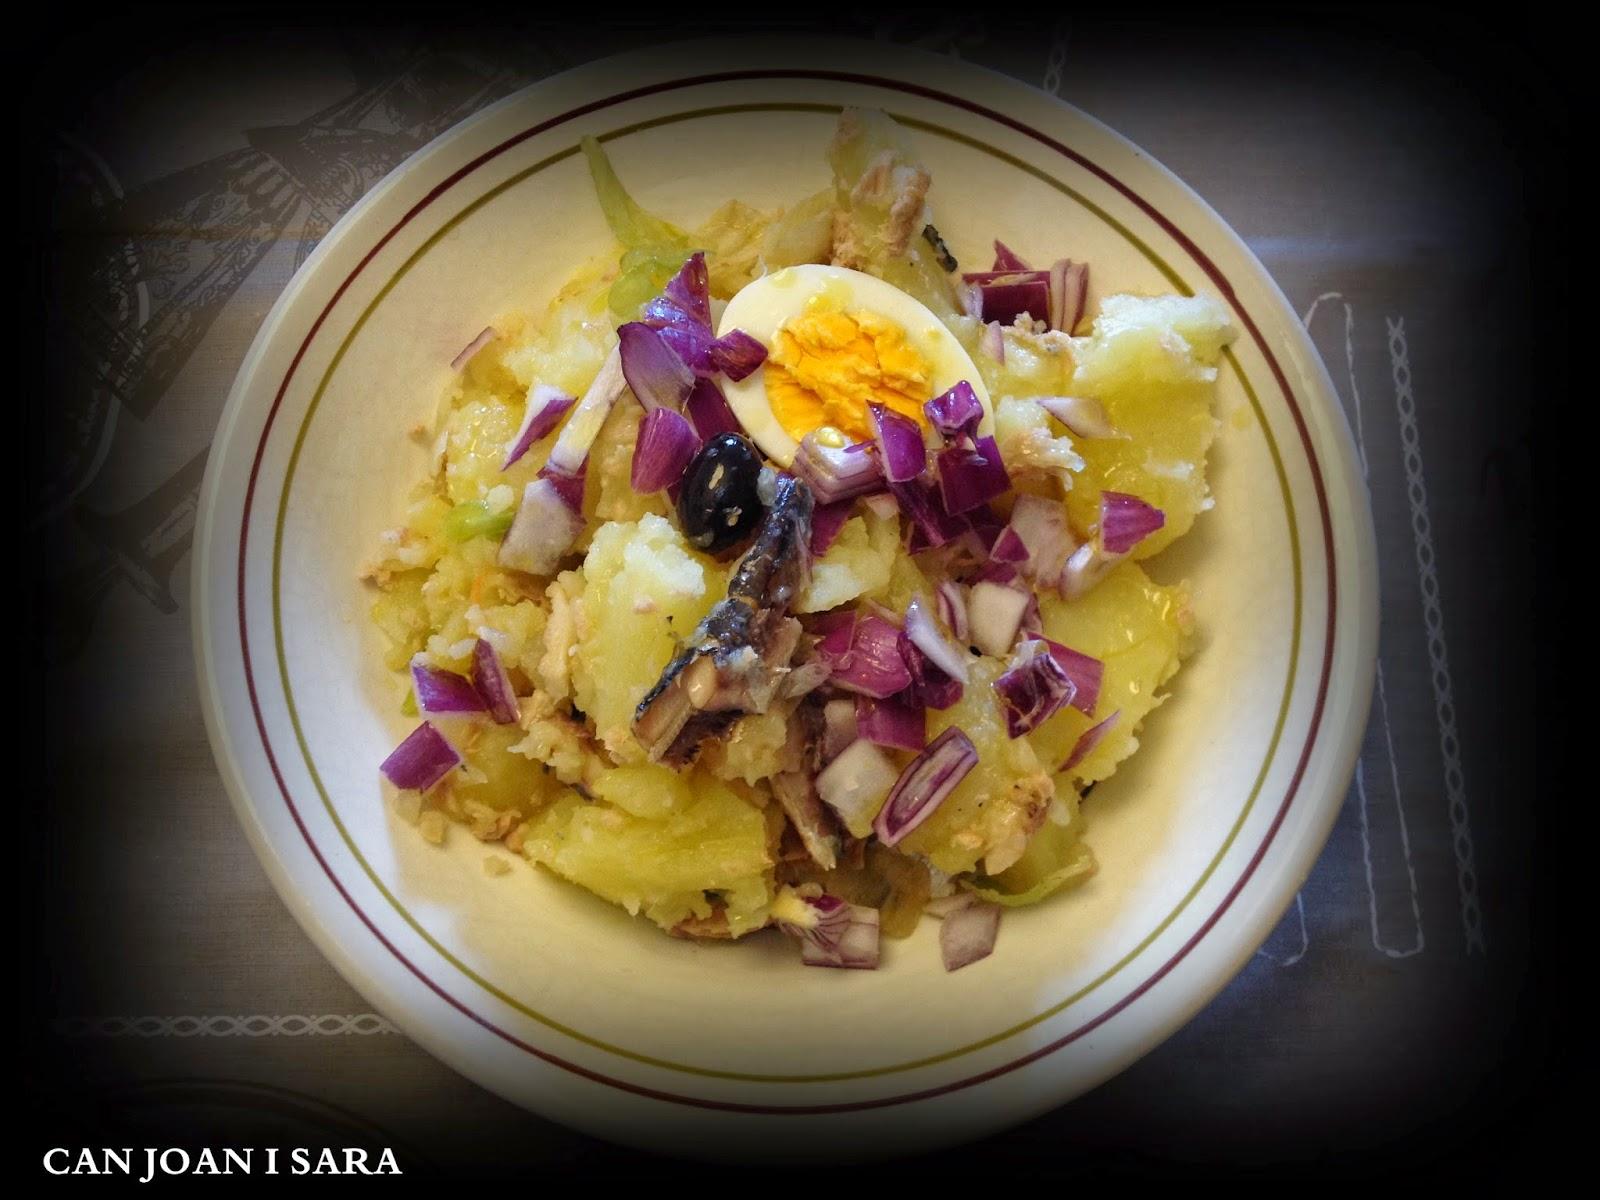 Ensalada de patatas con cebolla morada recetas de cocina - Tiempo de cocer patatas ...